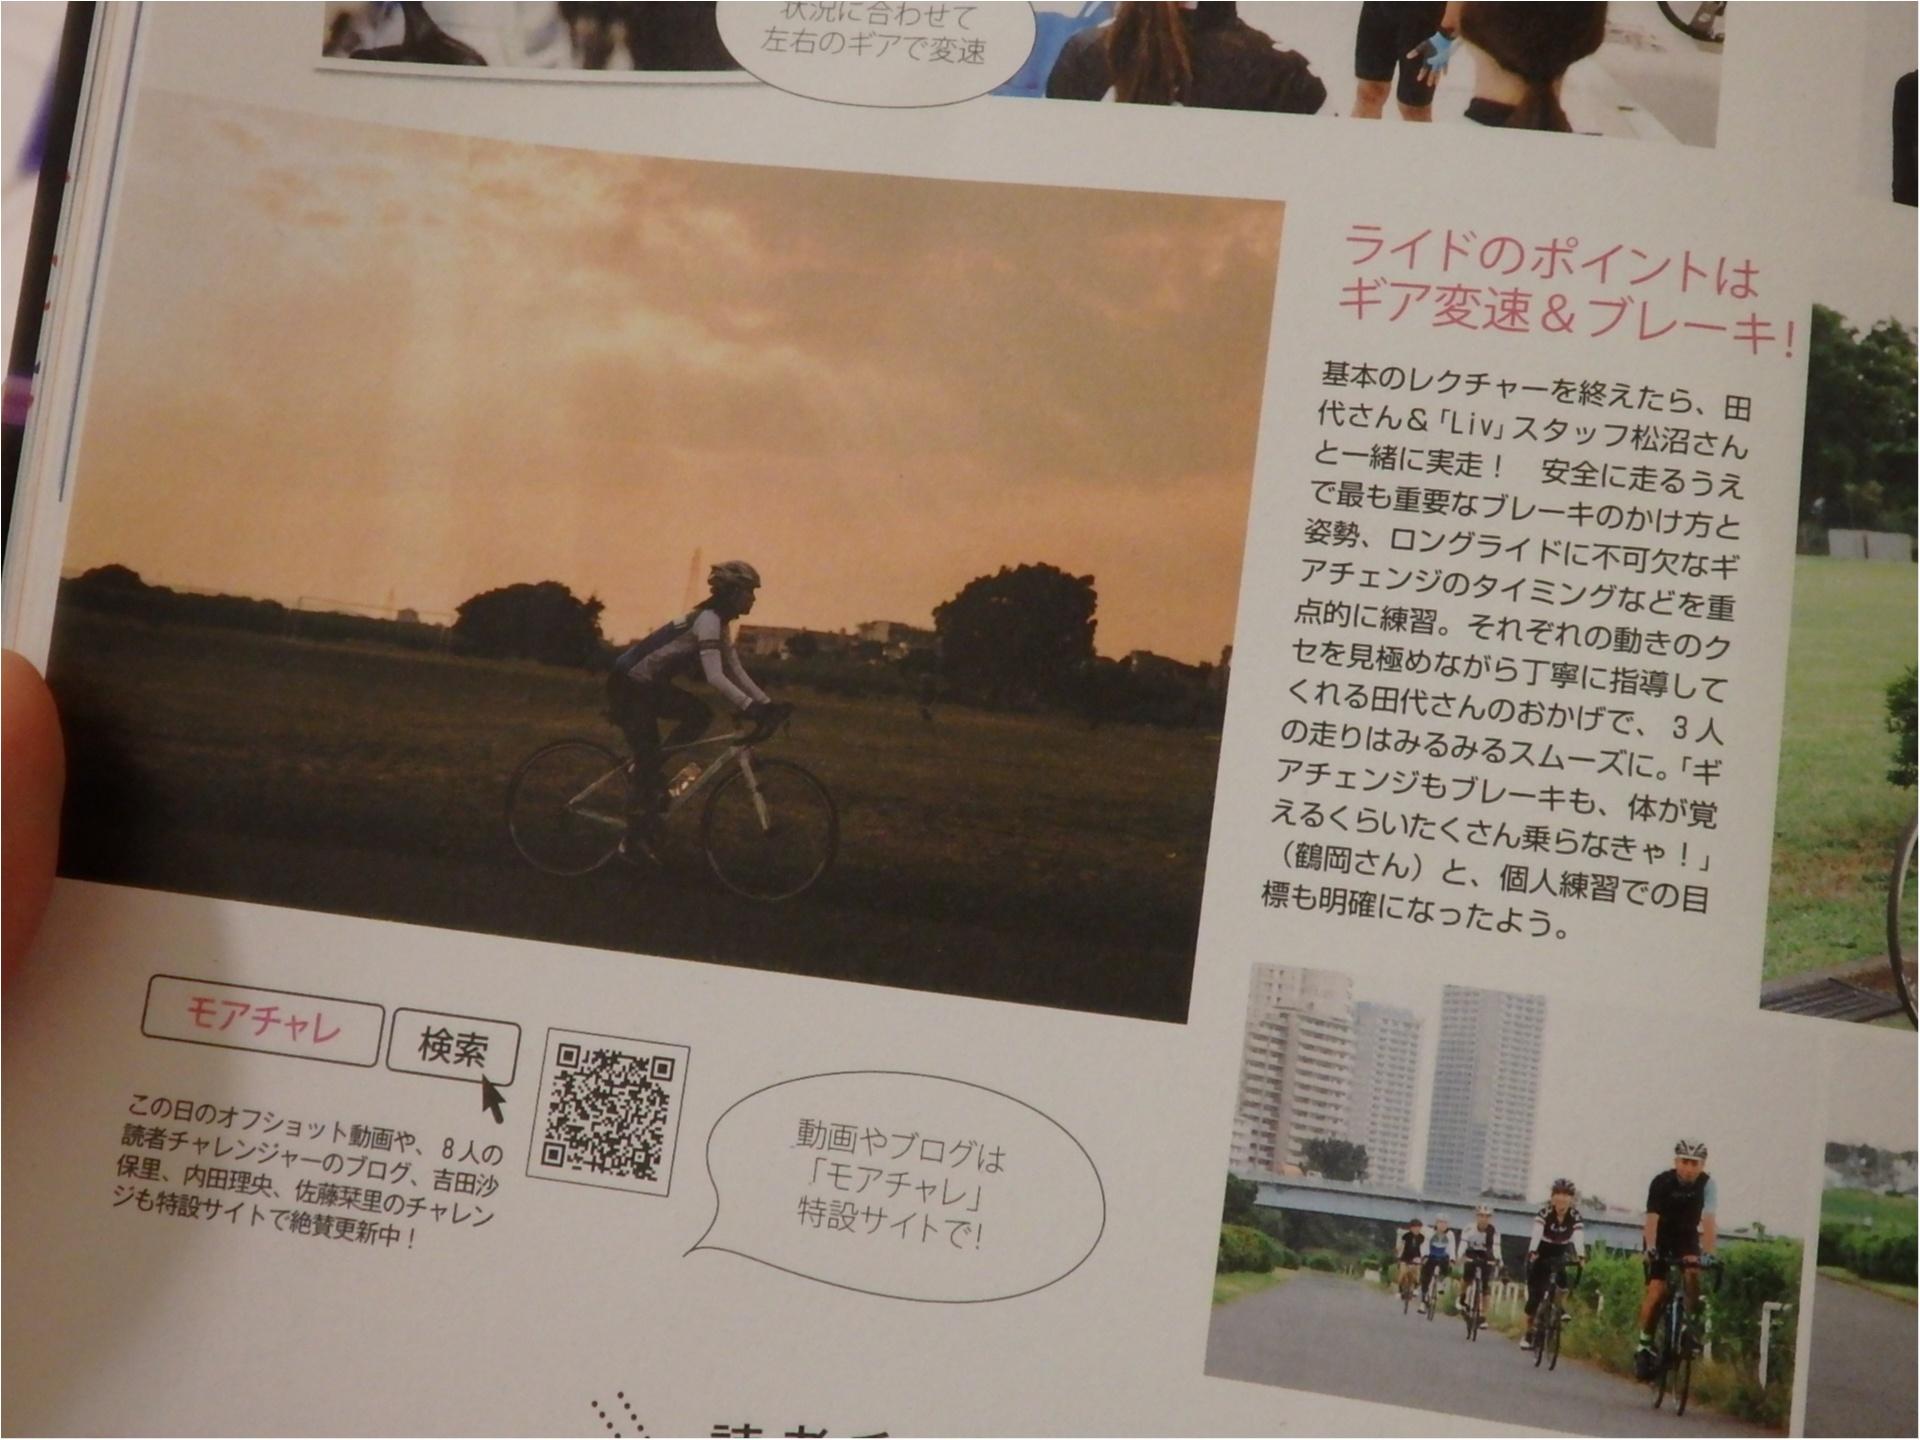 東京が小さく感じられる!ロードバイクならすいすい♪練習のお楽しみは築地で海鮮♥ #ツール・ド・東北【#モアチャレ あかね】_4